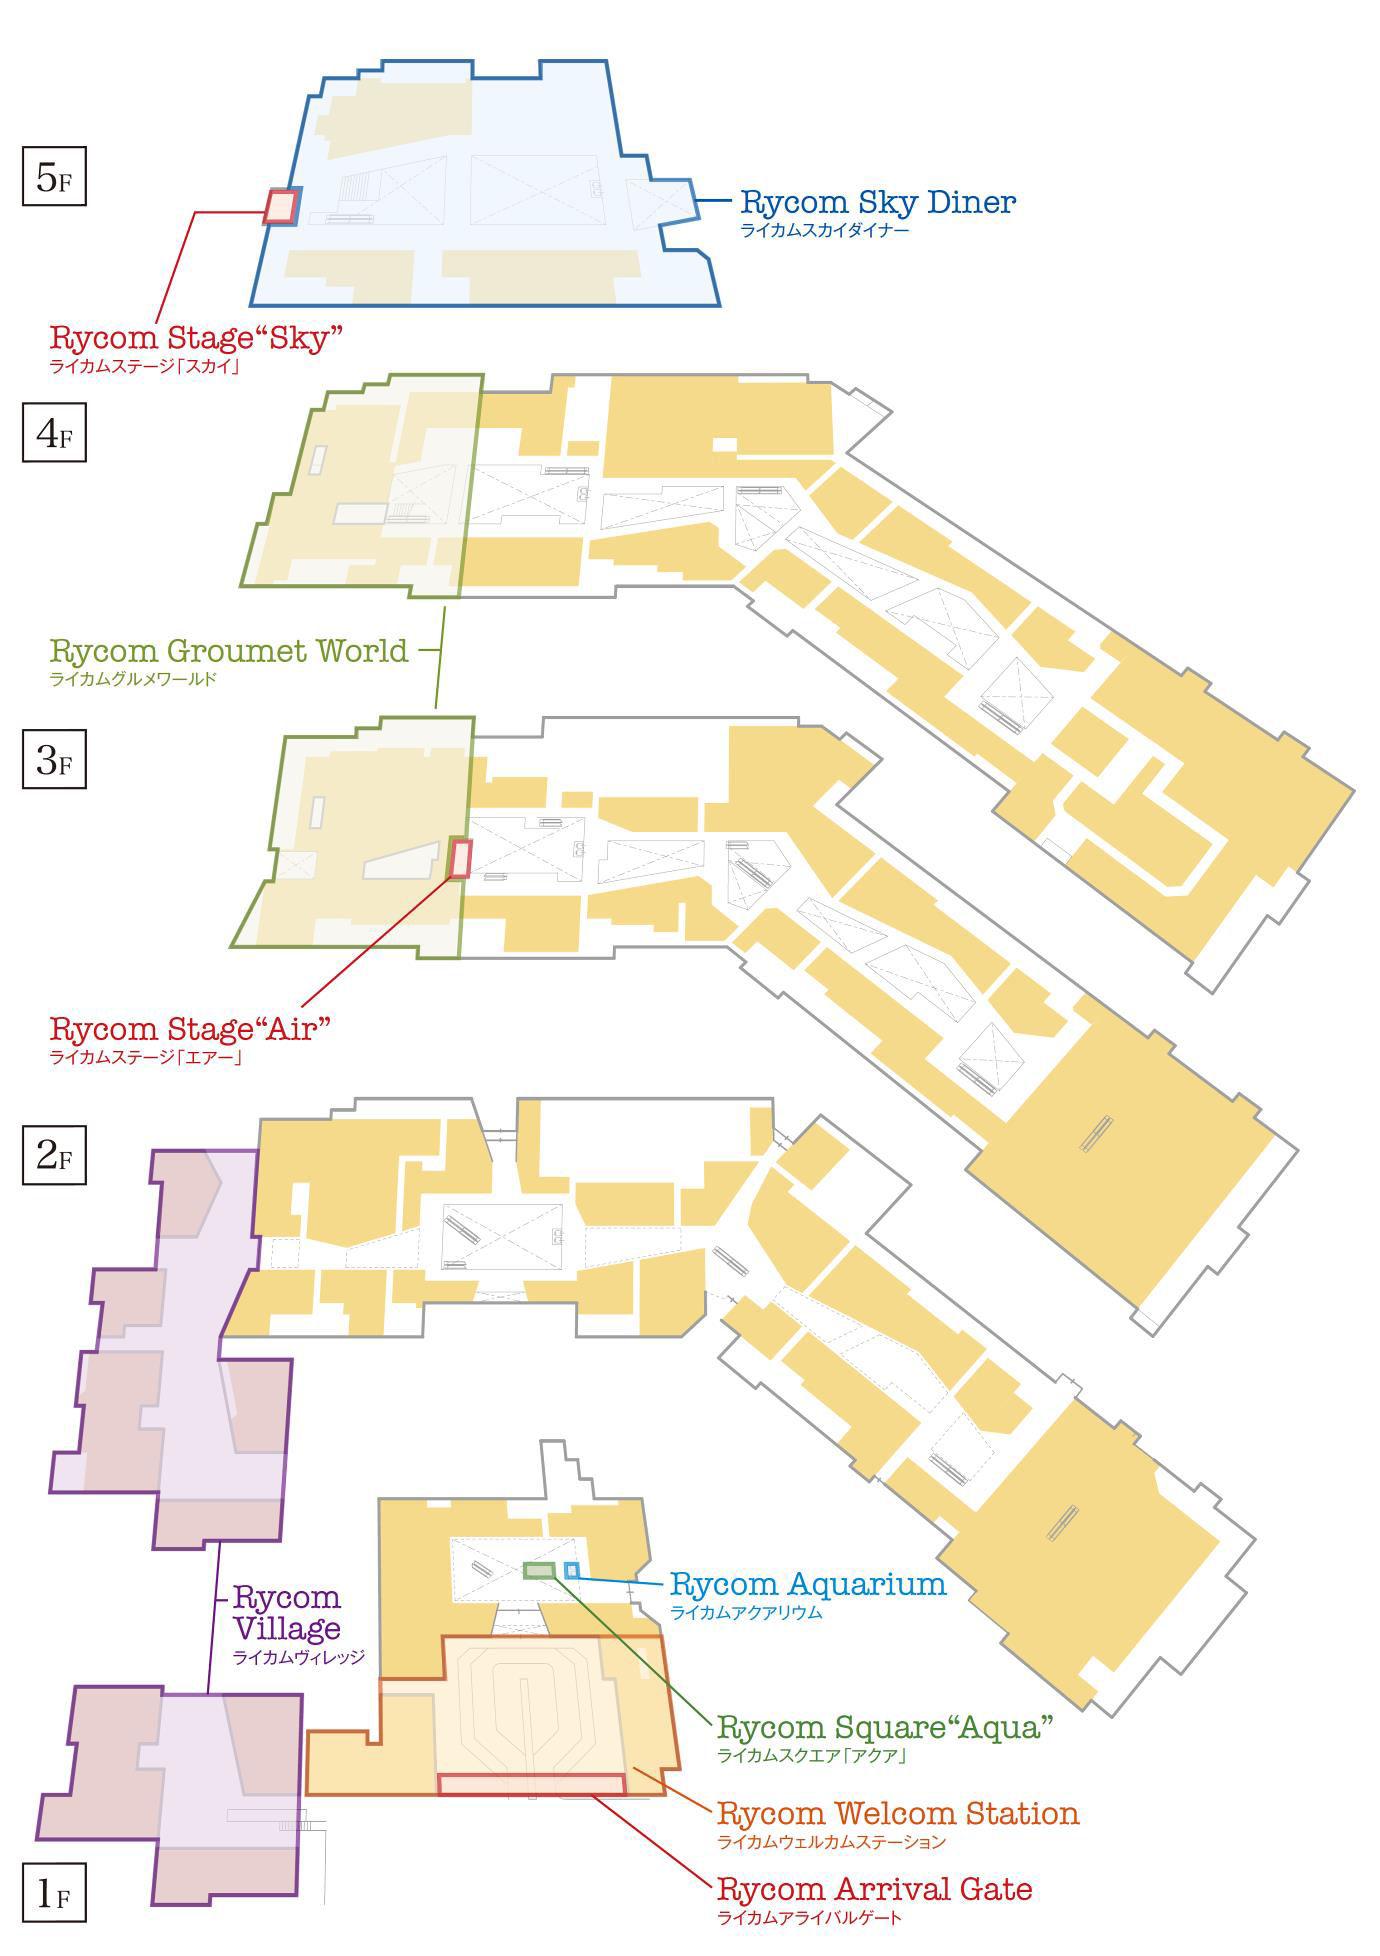 イオンモール沖縄ライカムの館内図。5層のフロア構成に約220の専門店を展開